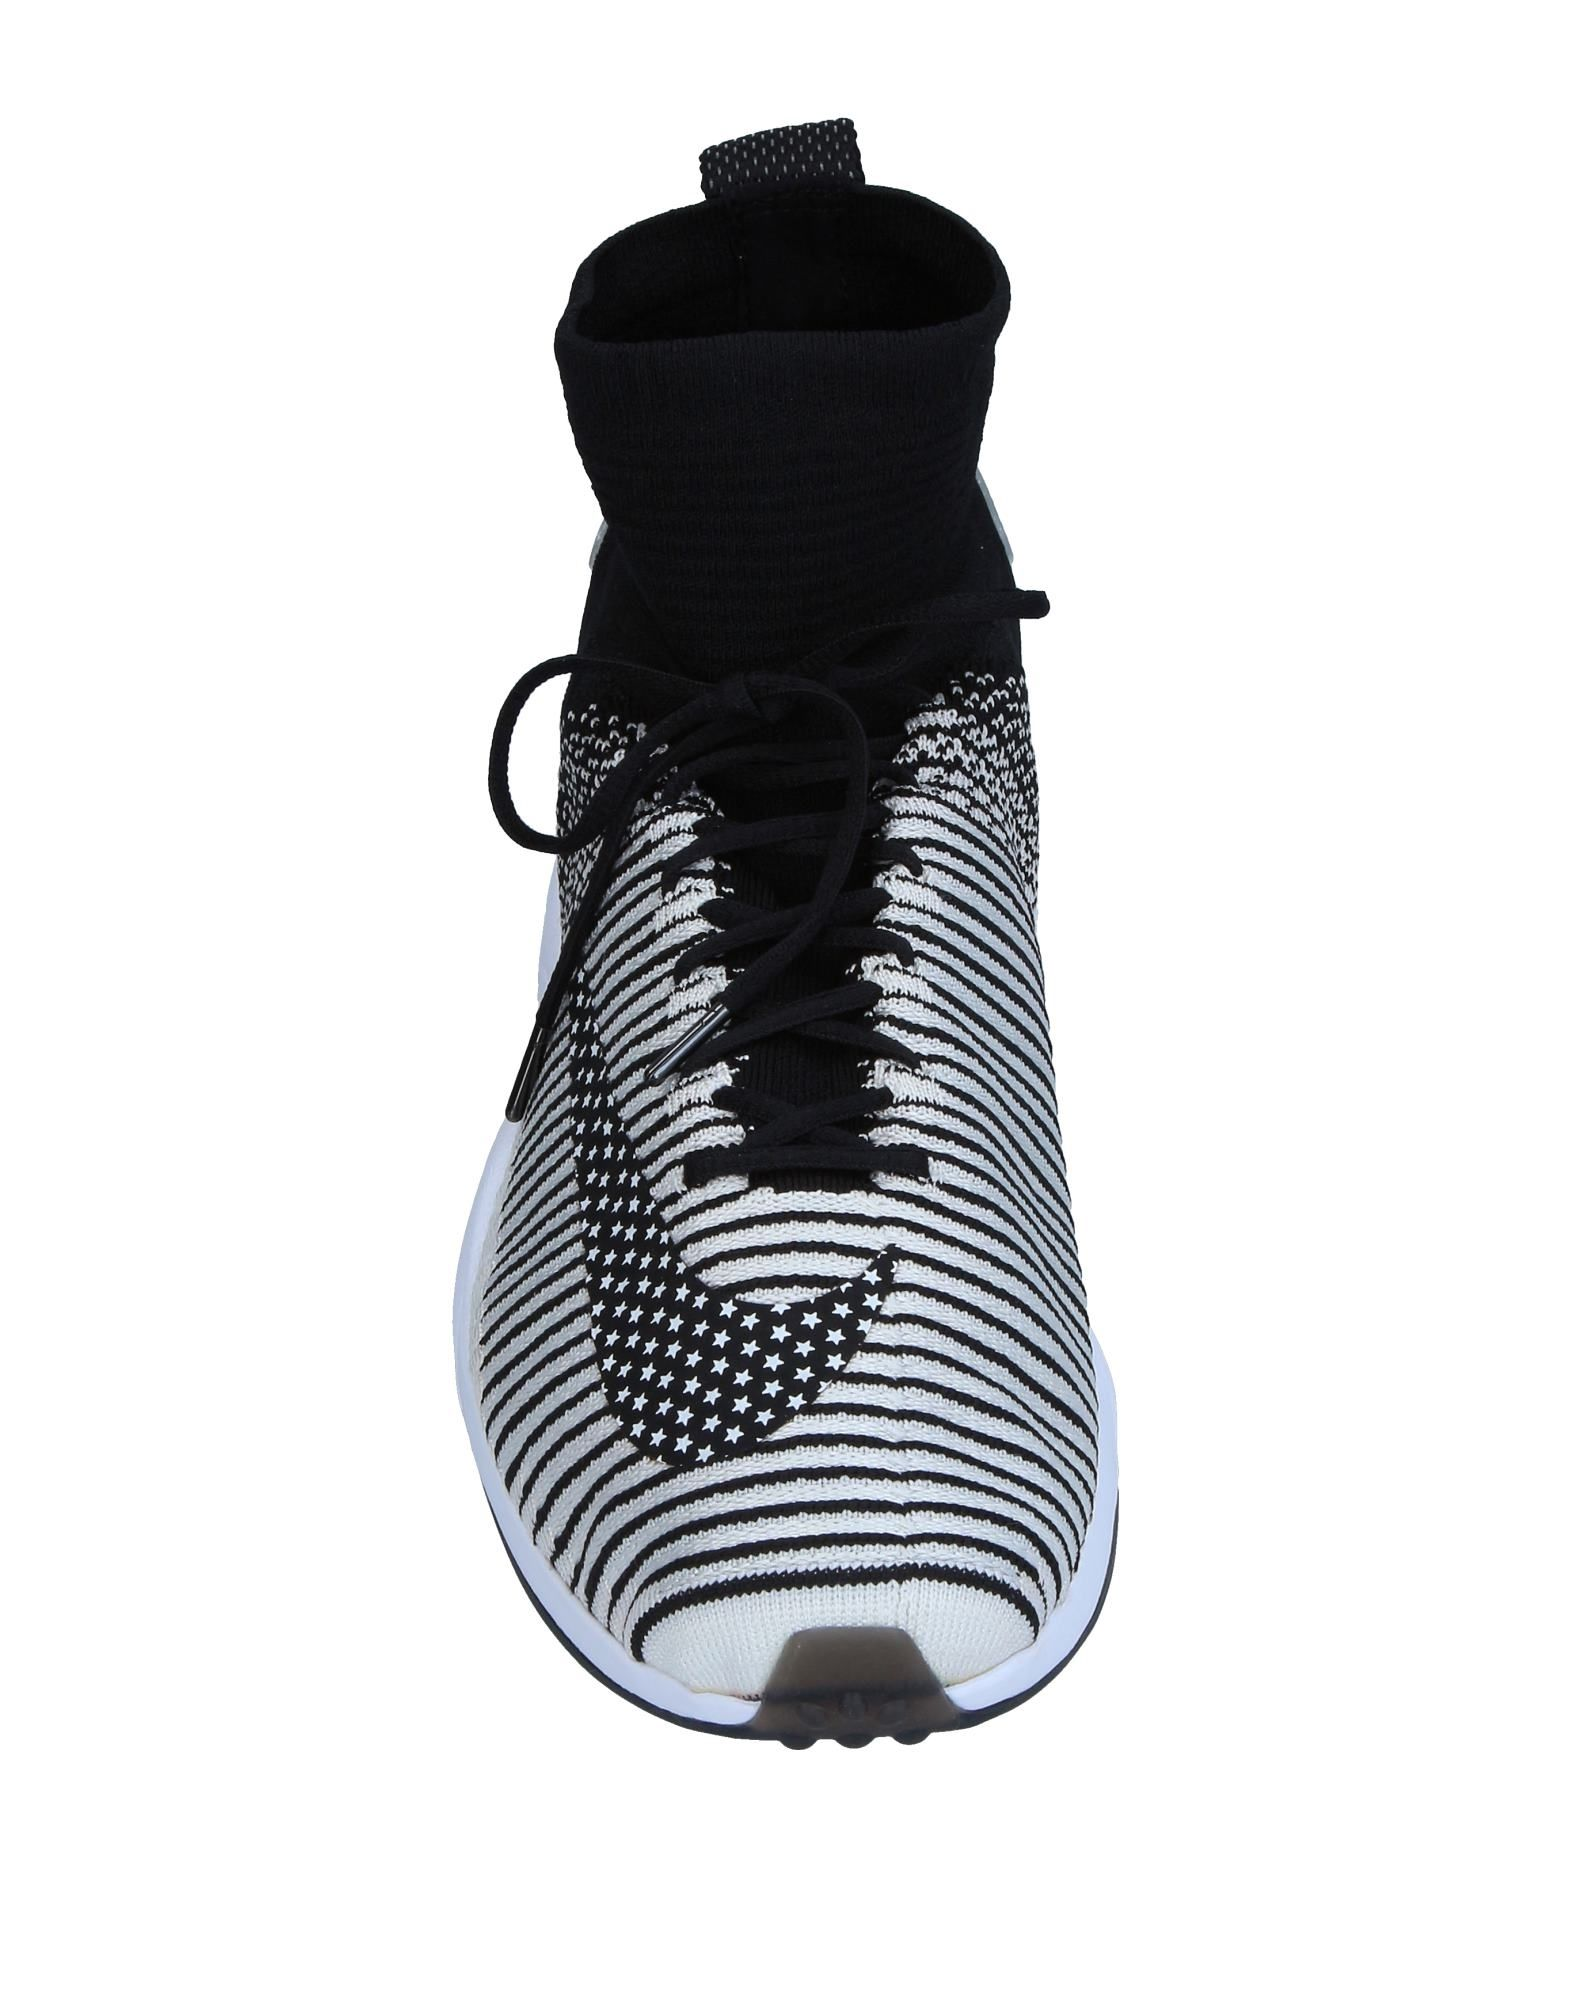 Nike Sneakers sich Herren Gutes Preis-Leistungs-Verhältnis, es lohnt sich Sneakers ef669b